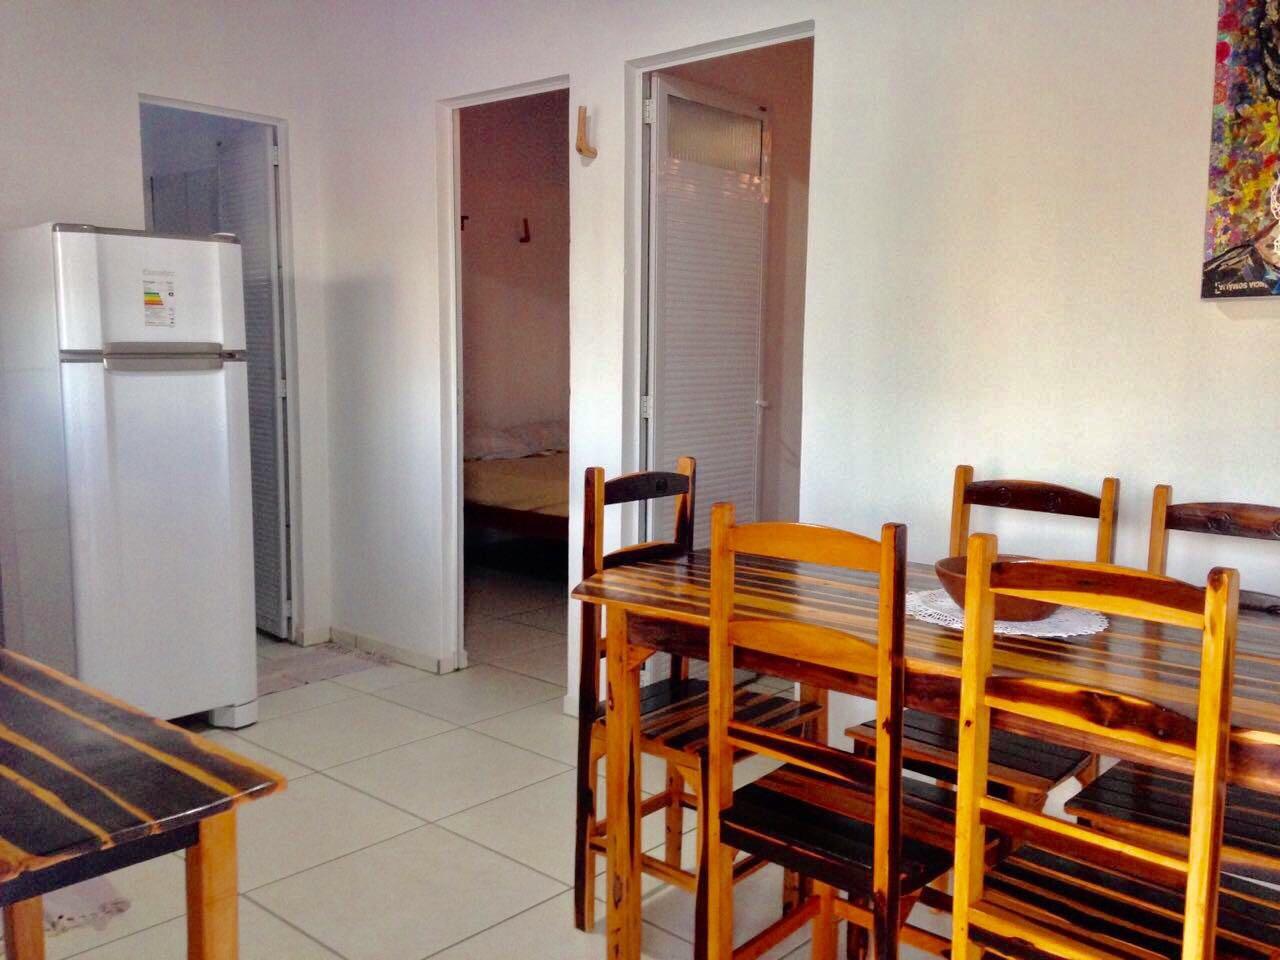 2 Diárias para 2 pessoas em Chalé (Segunda a Quarta ou Terça a Quinta) por apenas R$149,90